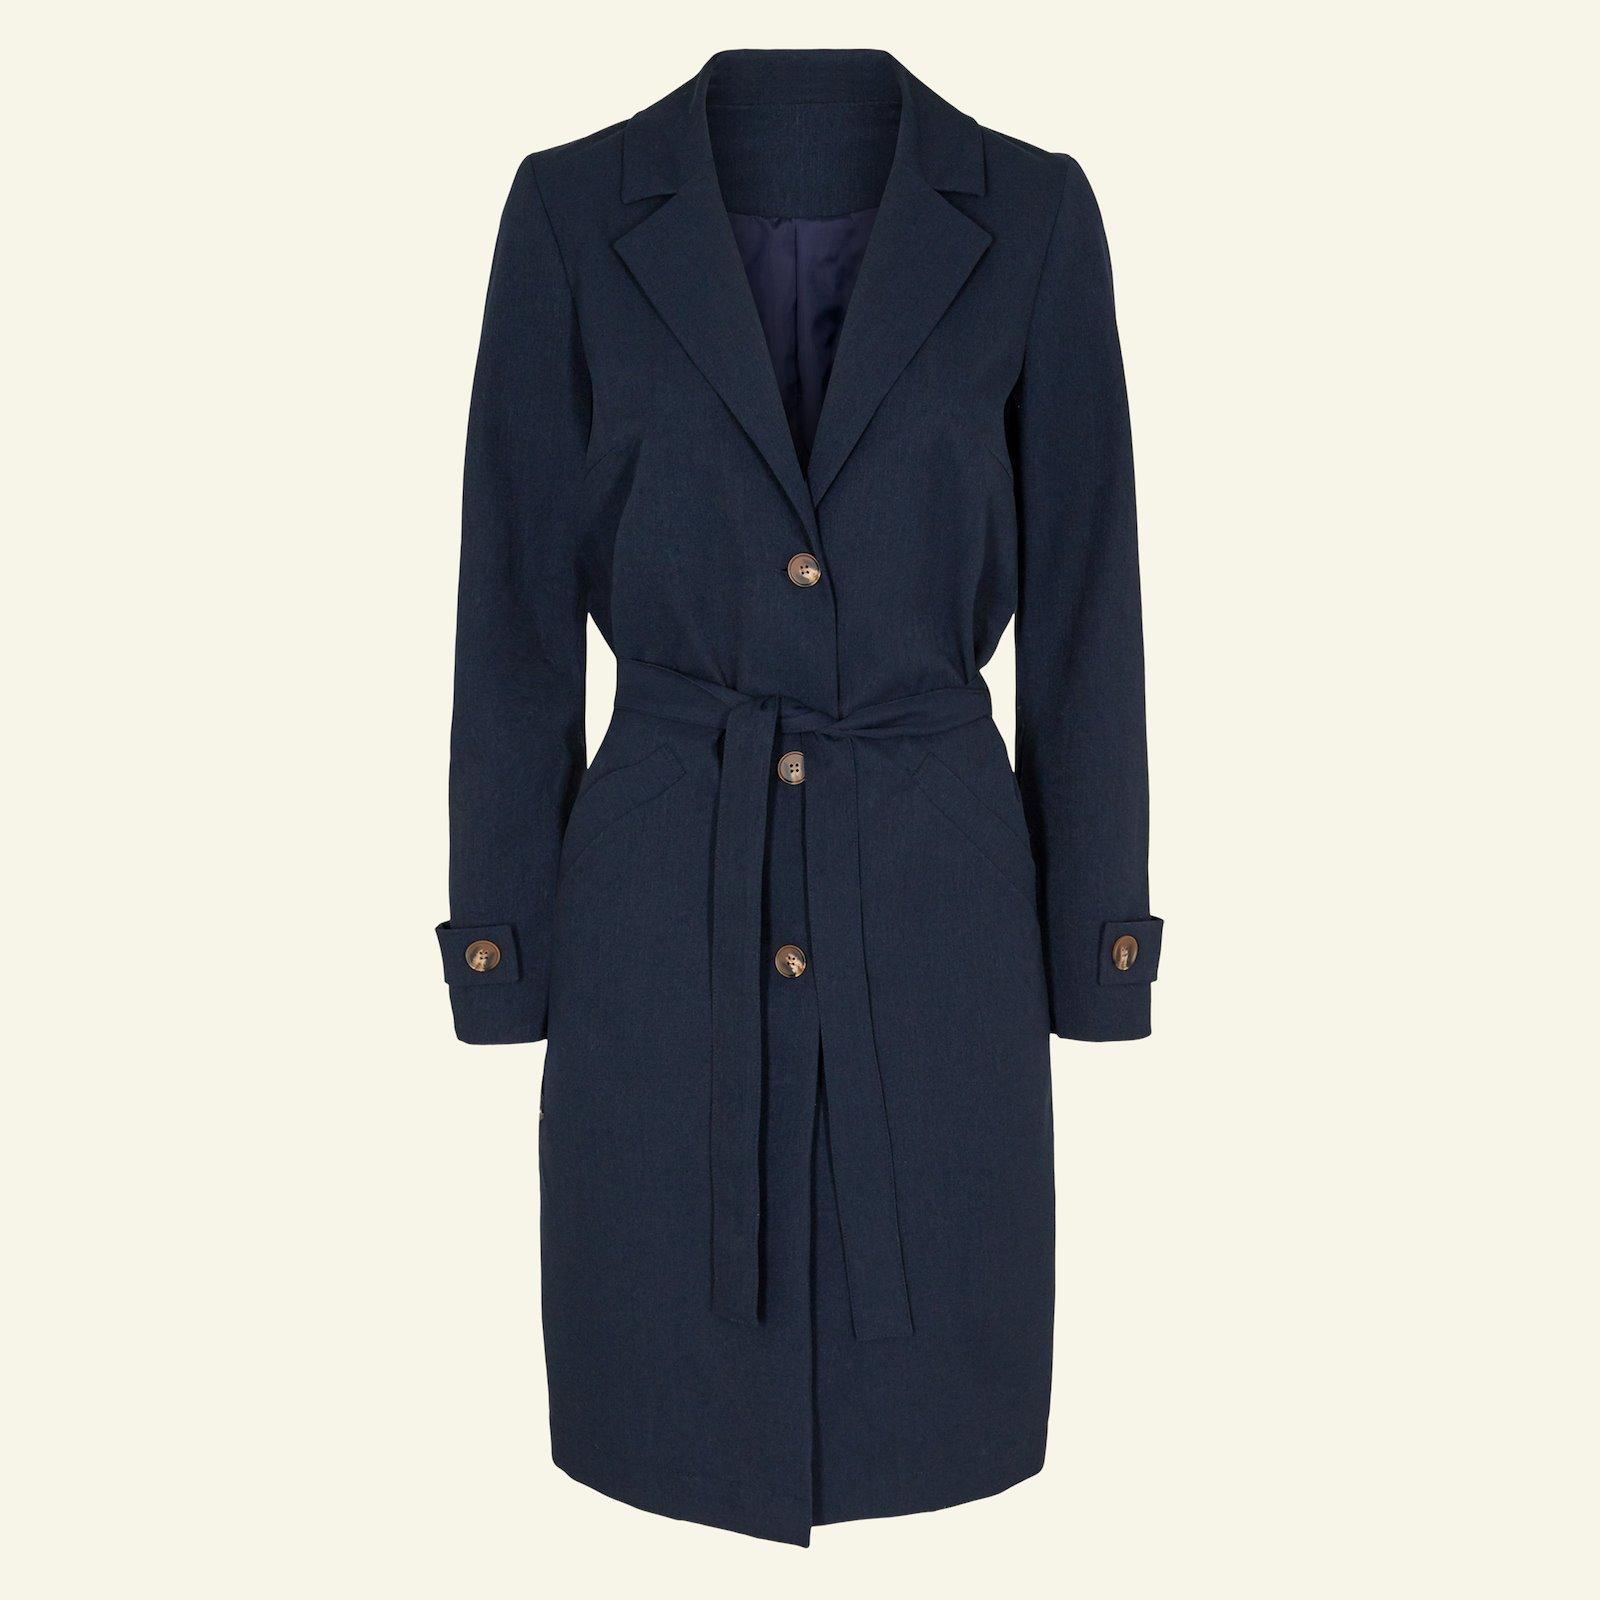 Long coat, 38/10 p24041_650747_40243_sskit